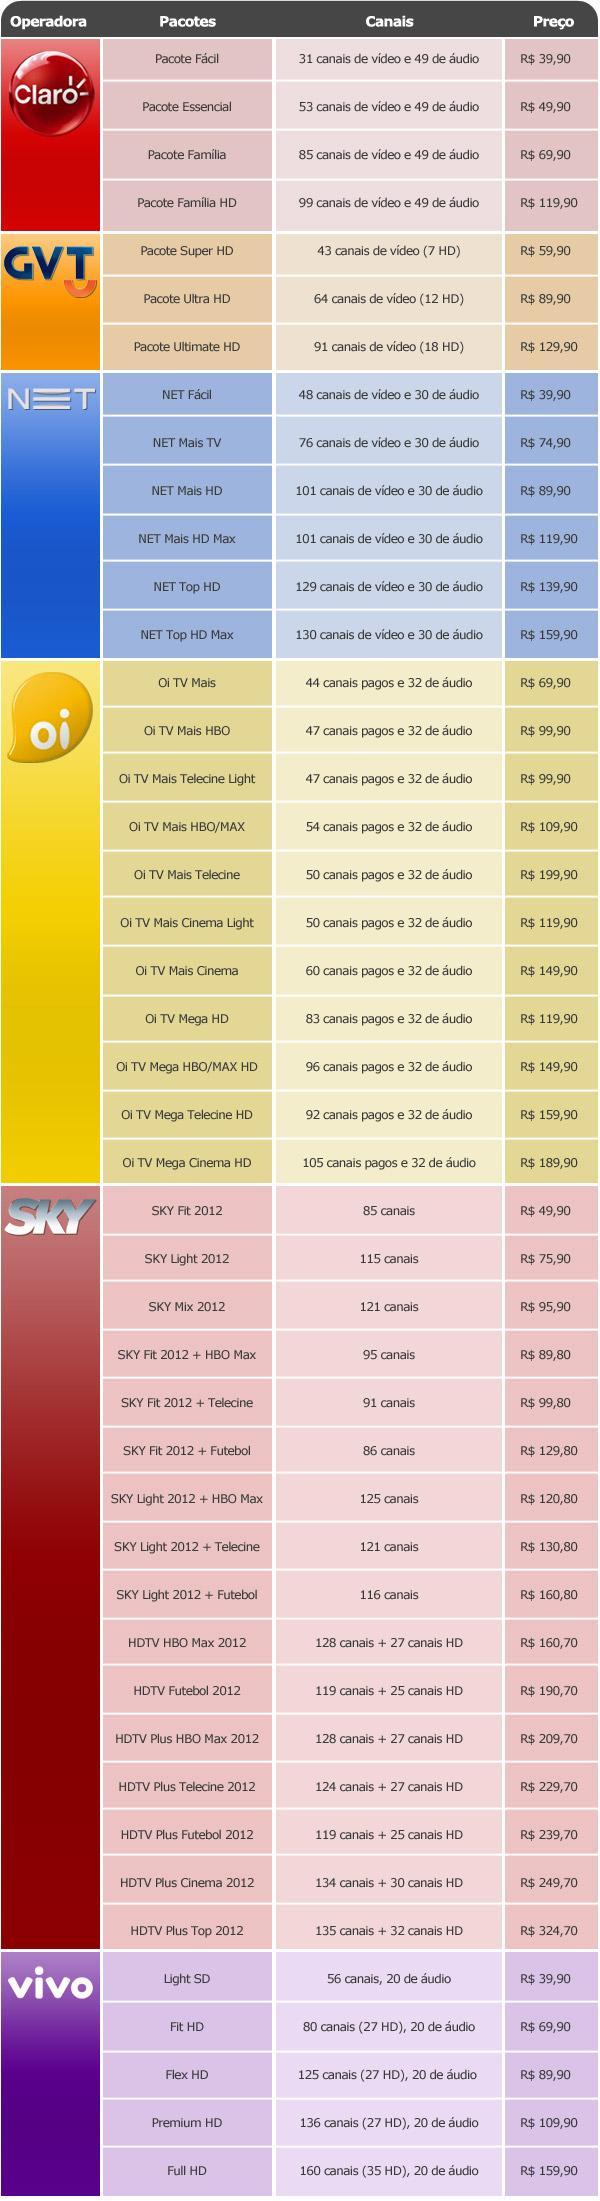 tabela de preço das principais operadoras